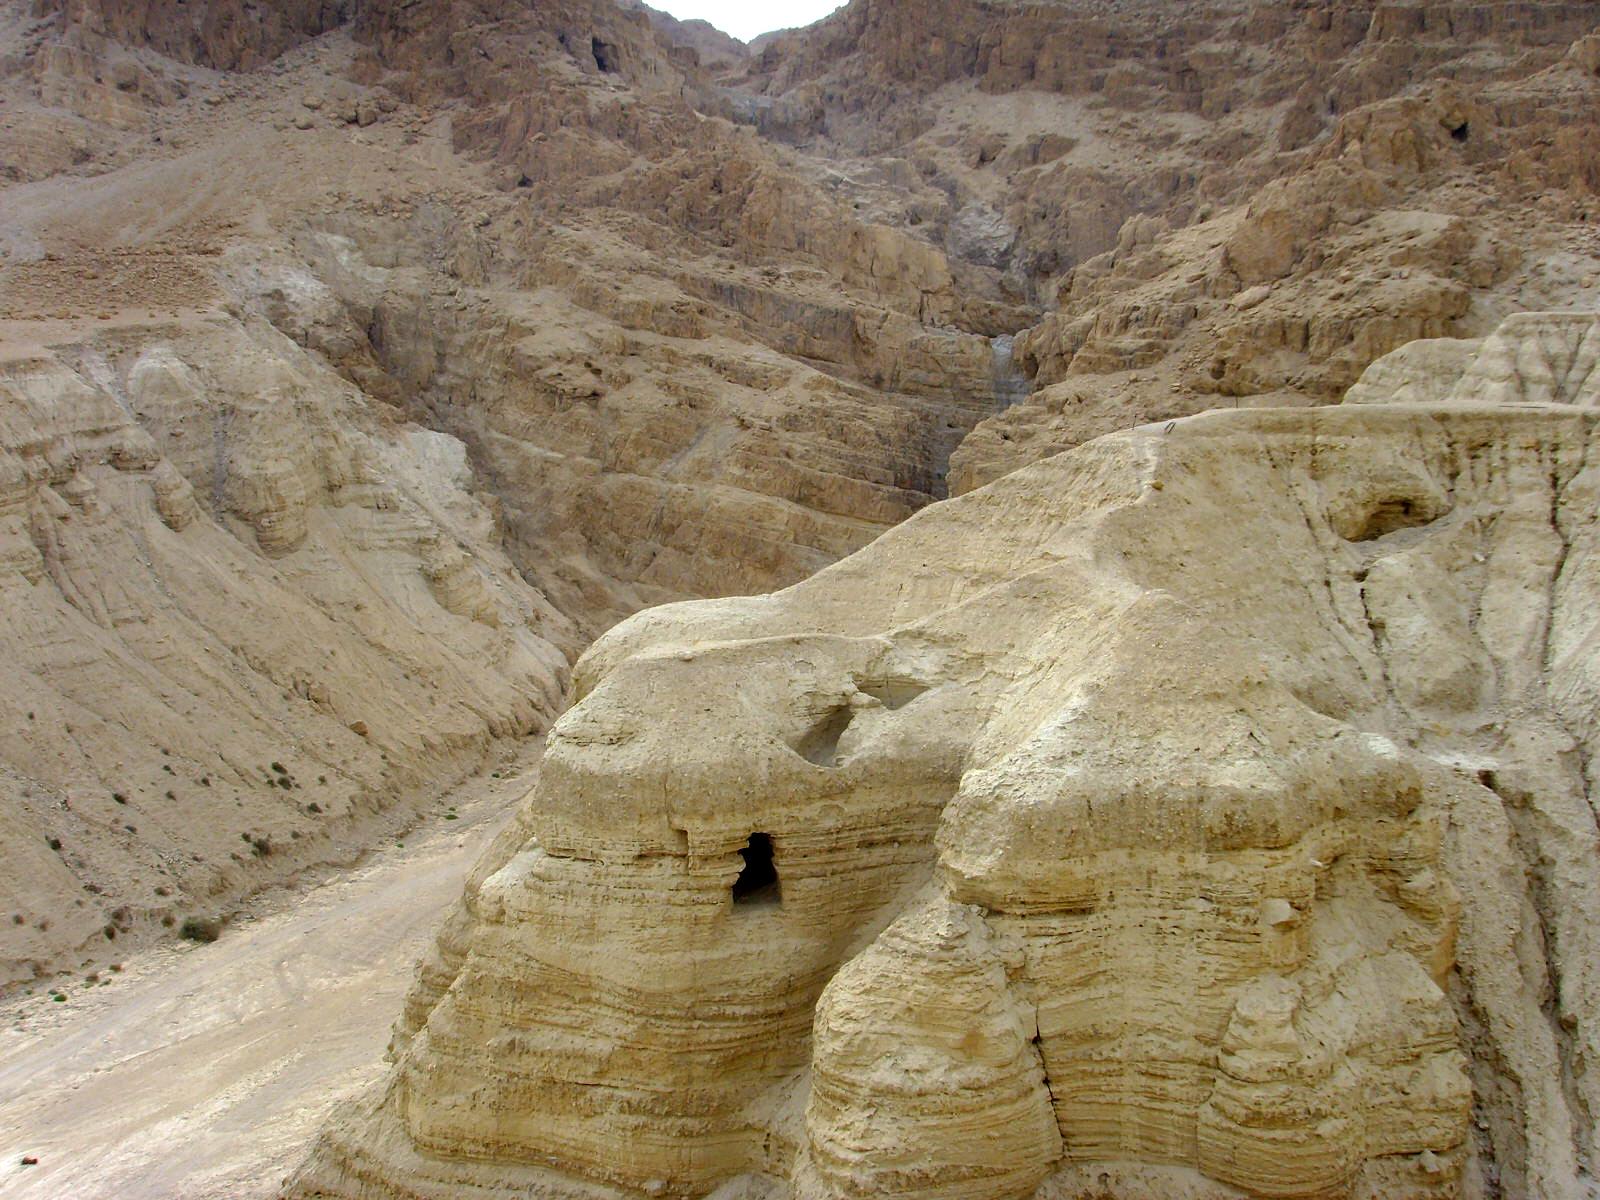 En 1947, plus de 700 manuscrits et quelque 100 000 fragments découverts dans des grottes à Qumrân en Cisjordanie ont provoqué un profond renouvellement de notre regard sur la Bible.